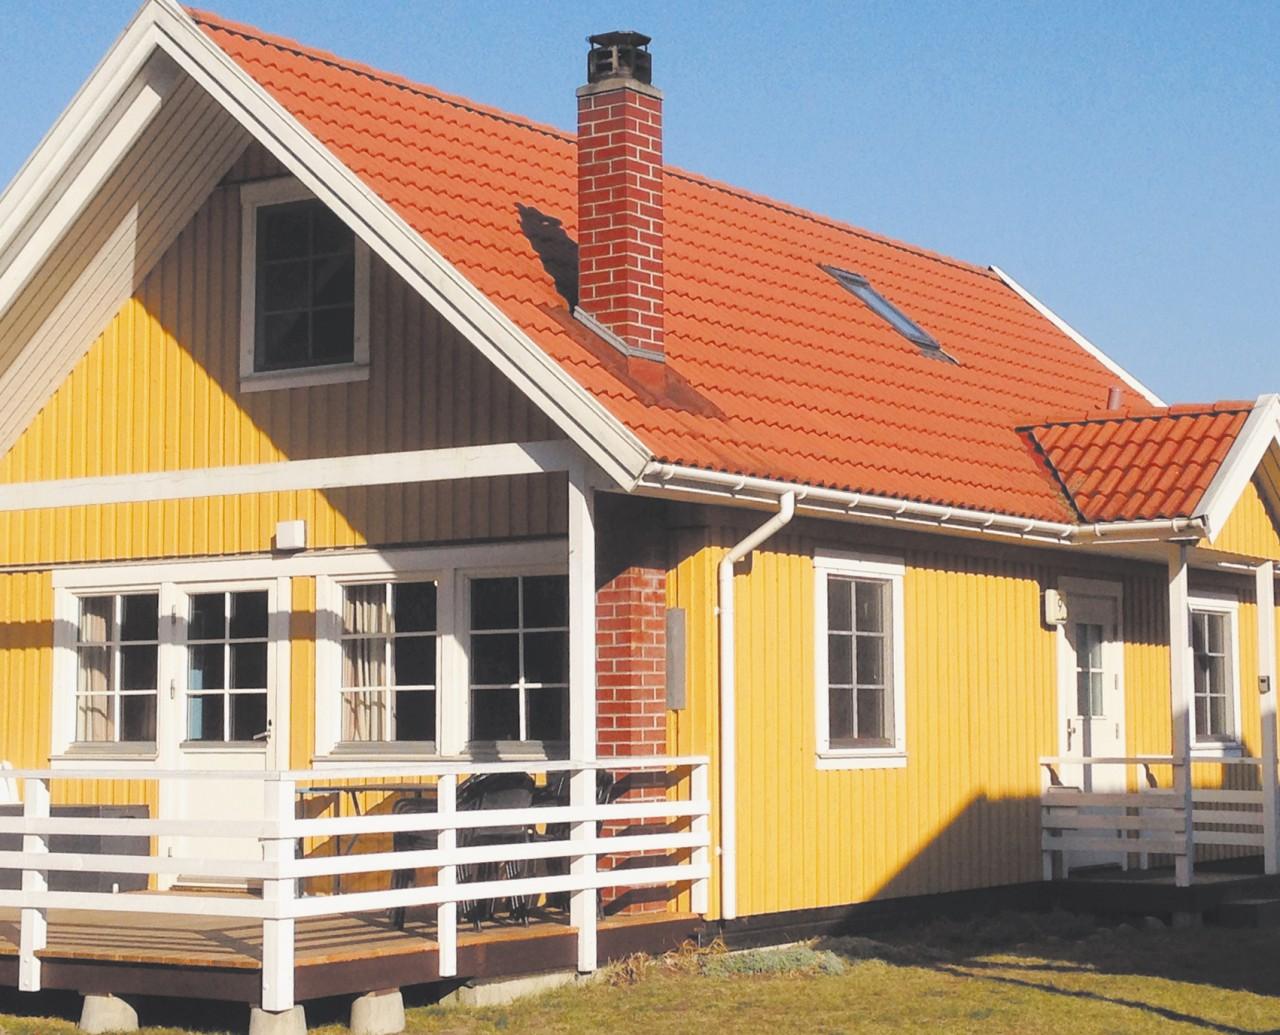 Schwedenhaus mit veranda  Ferienhaus Userin - Ferienhäuser am Useriner See - Badespaß und ...